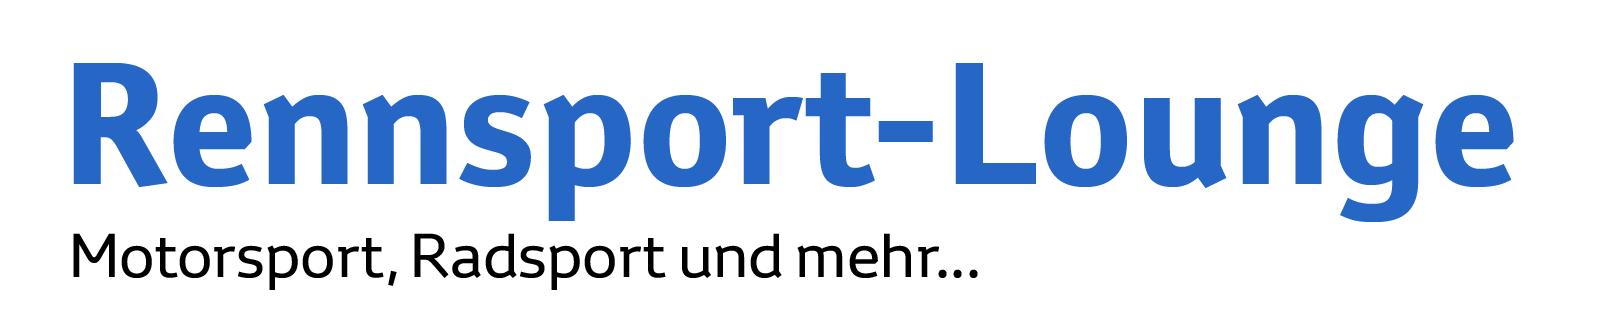 Rennsport-Lounge Berlin-Stephan Ehrke